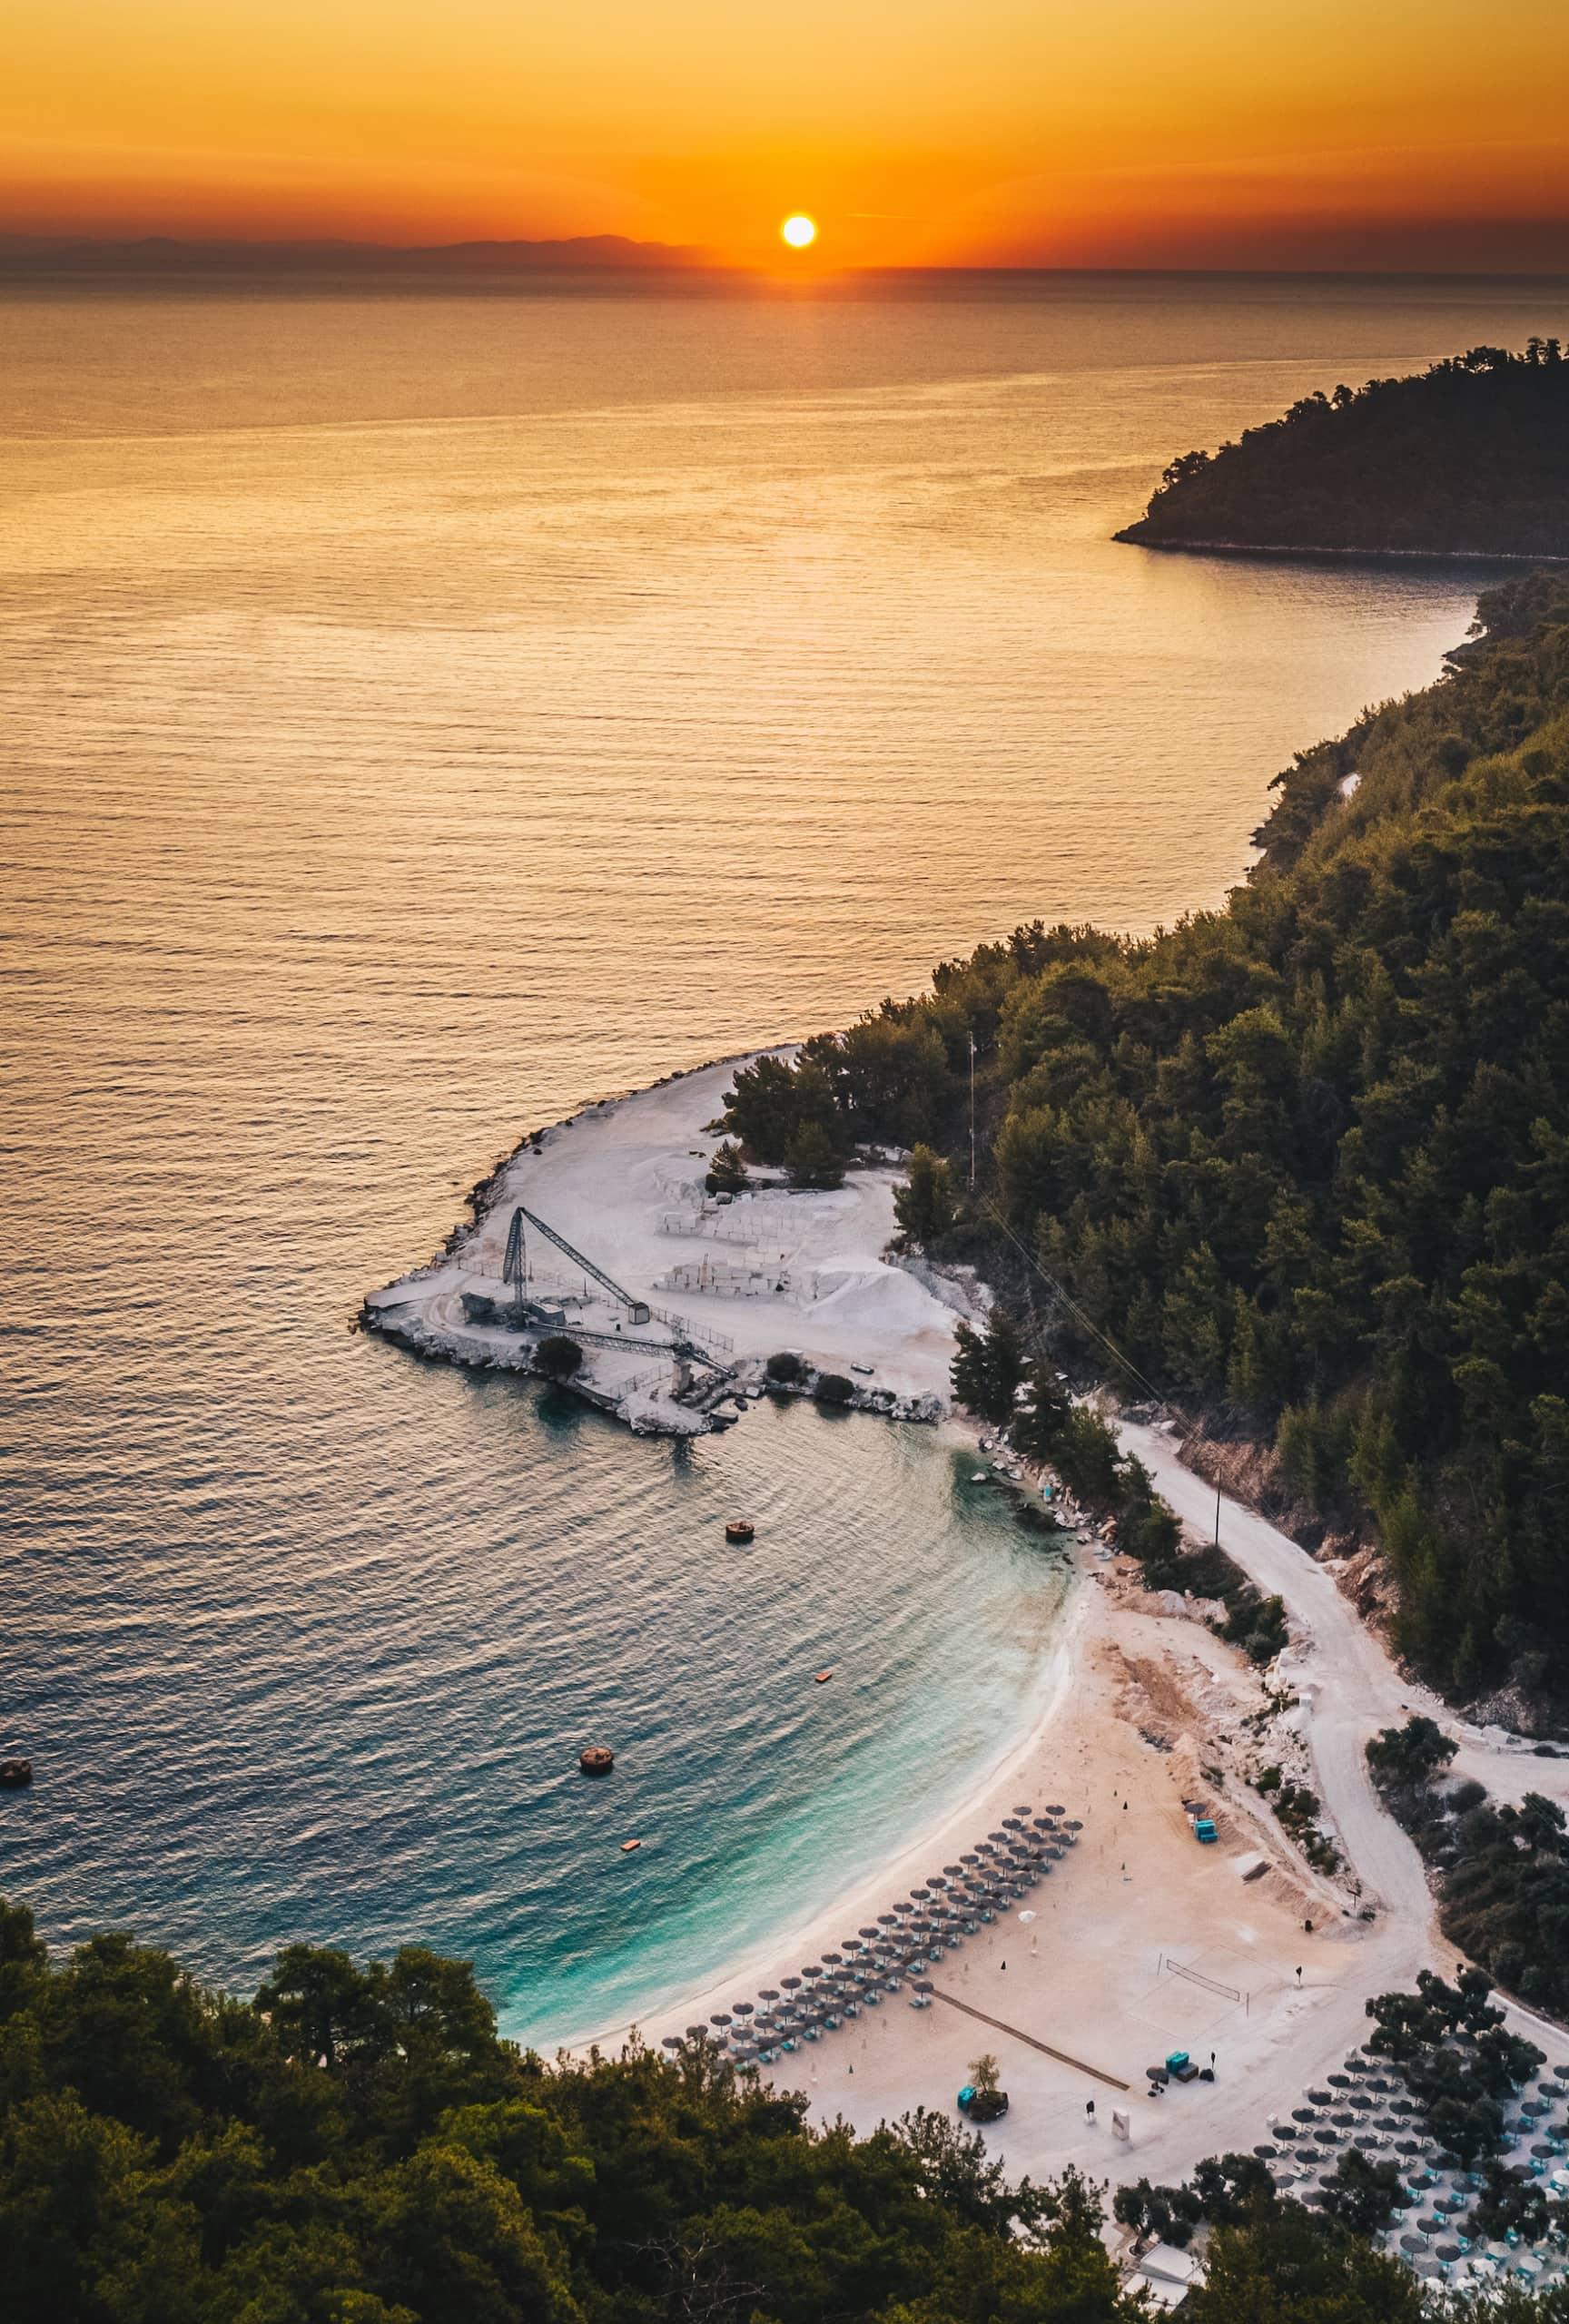 Sonnenuntergang in einer Bucht auf der griechischen Insel Thassos